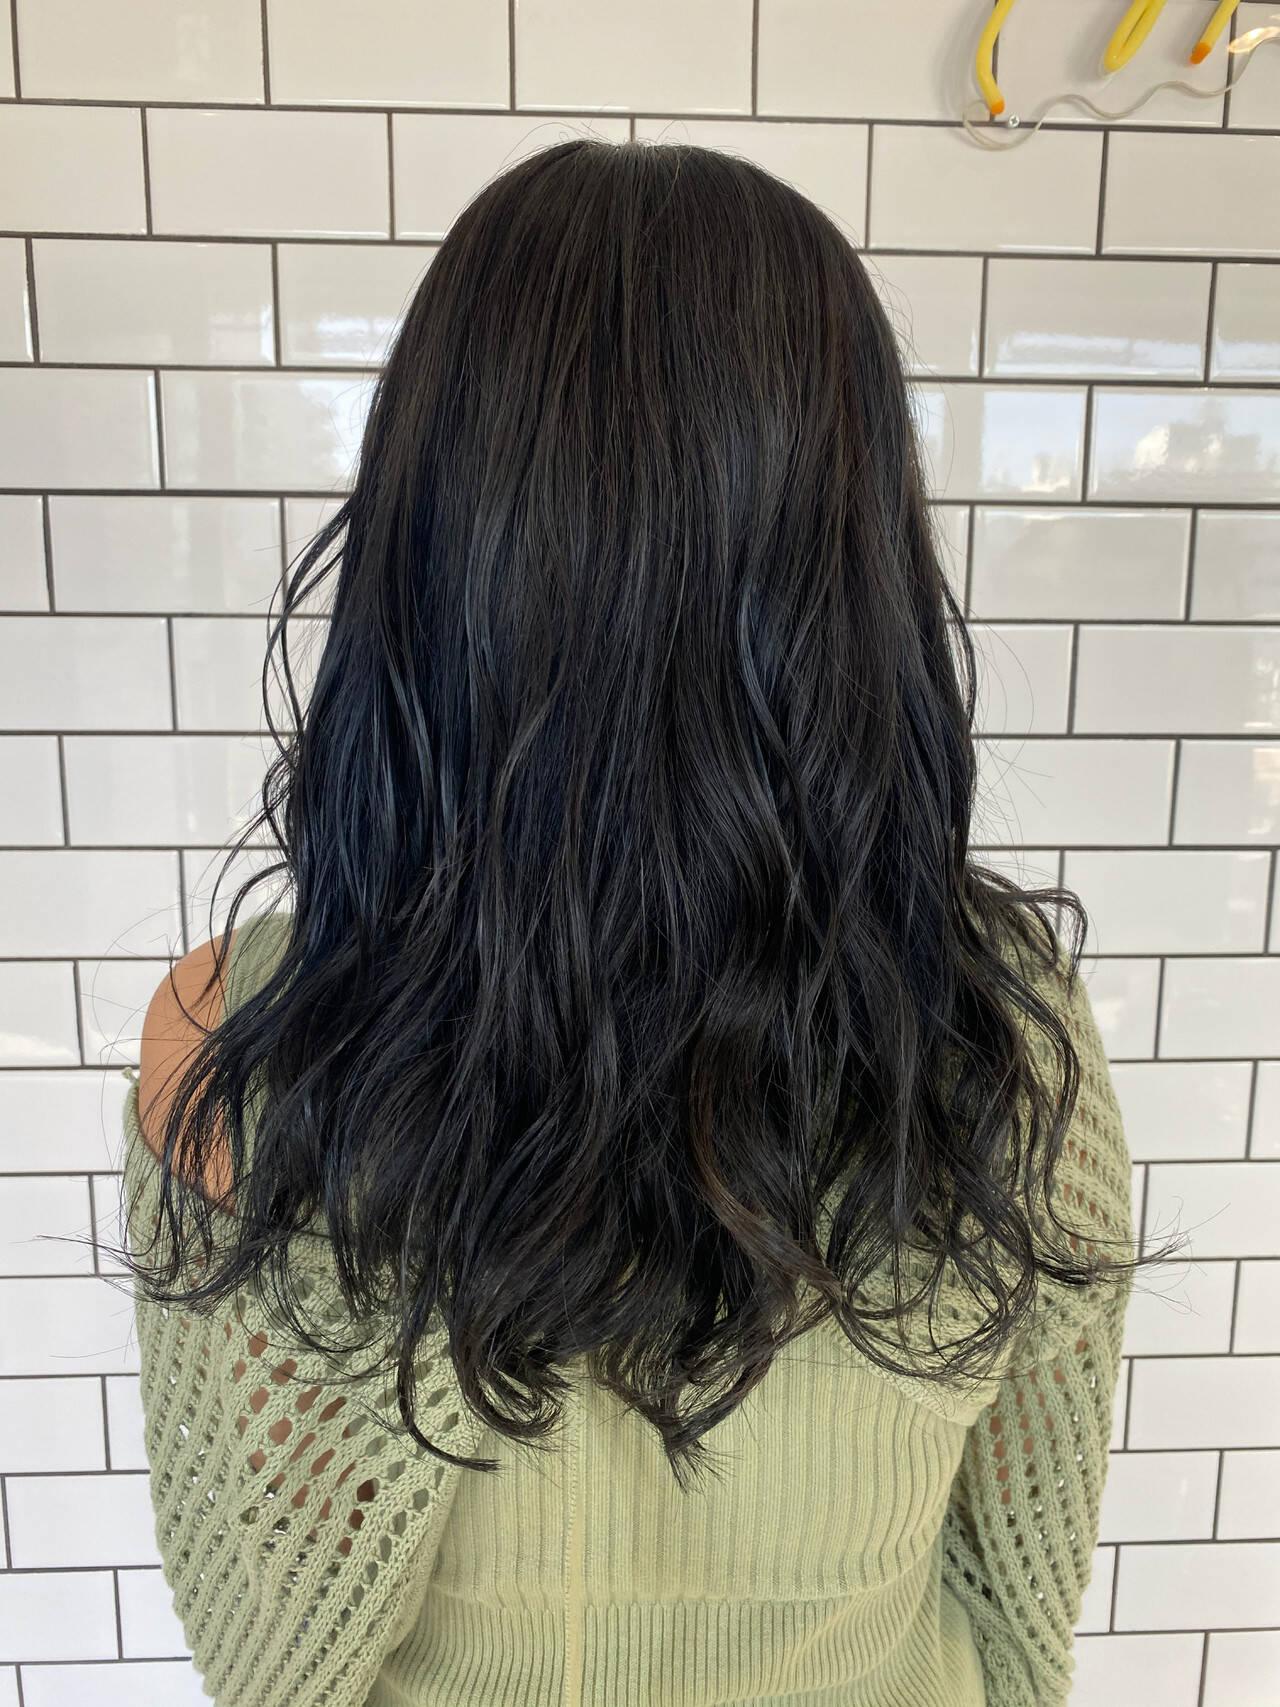 モード ブルージュ ネイビーブルー 地毛風カラーヘアスタイルや髪型の写真・画像